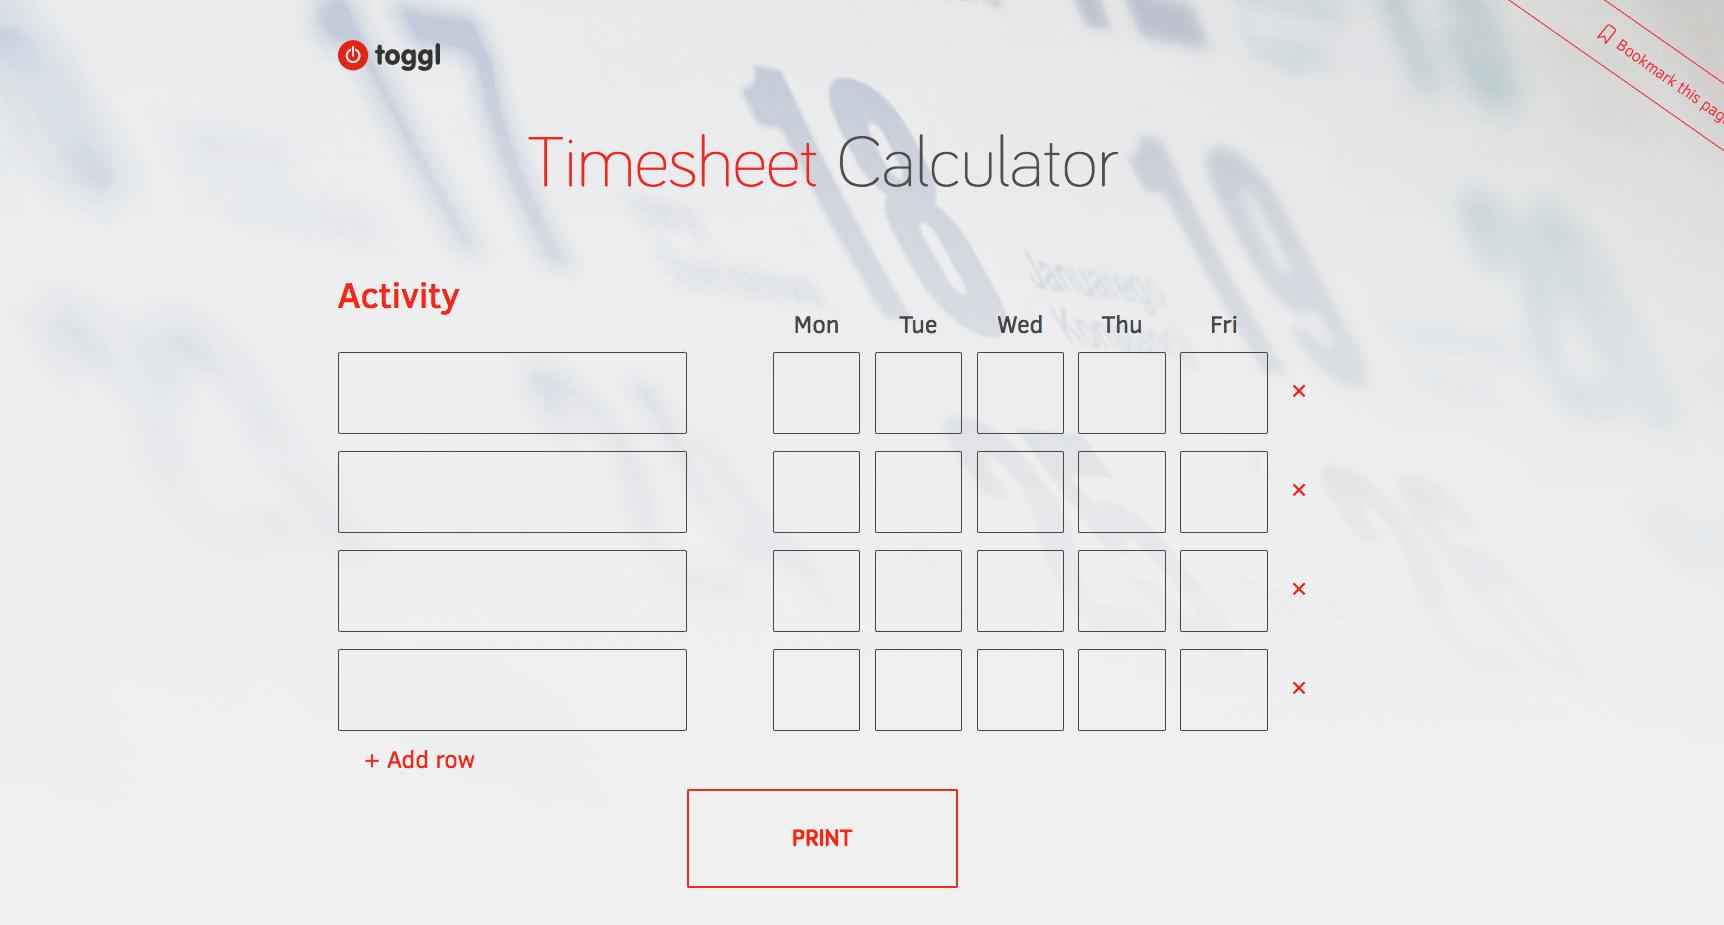 Top 5 Timesheet Calculators to Sum Up Working Hours |